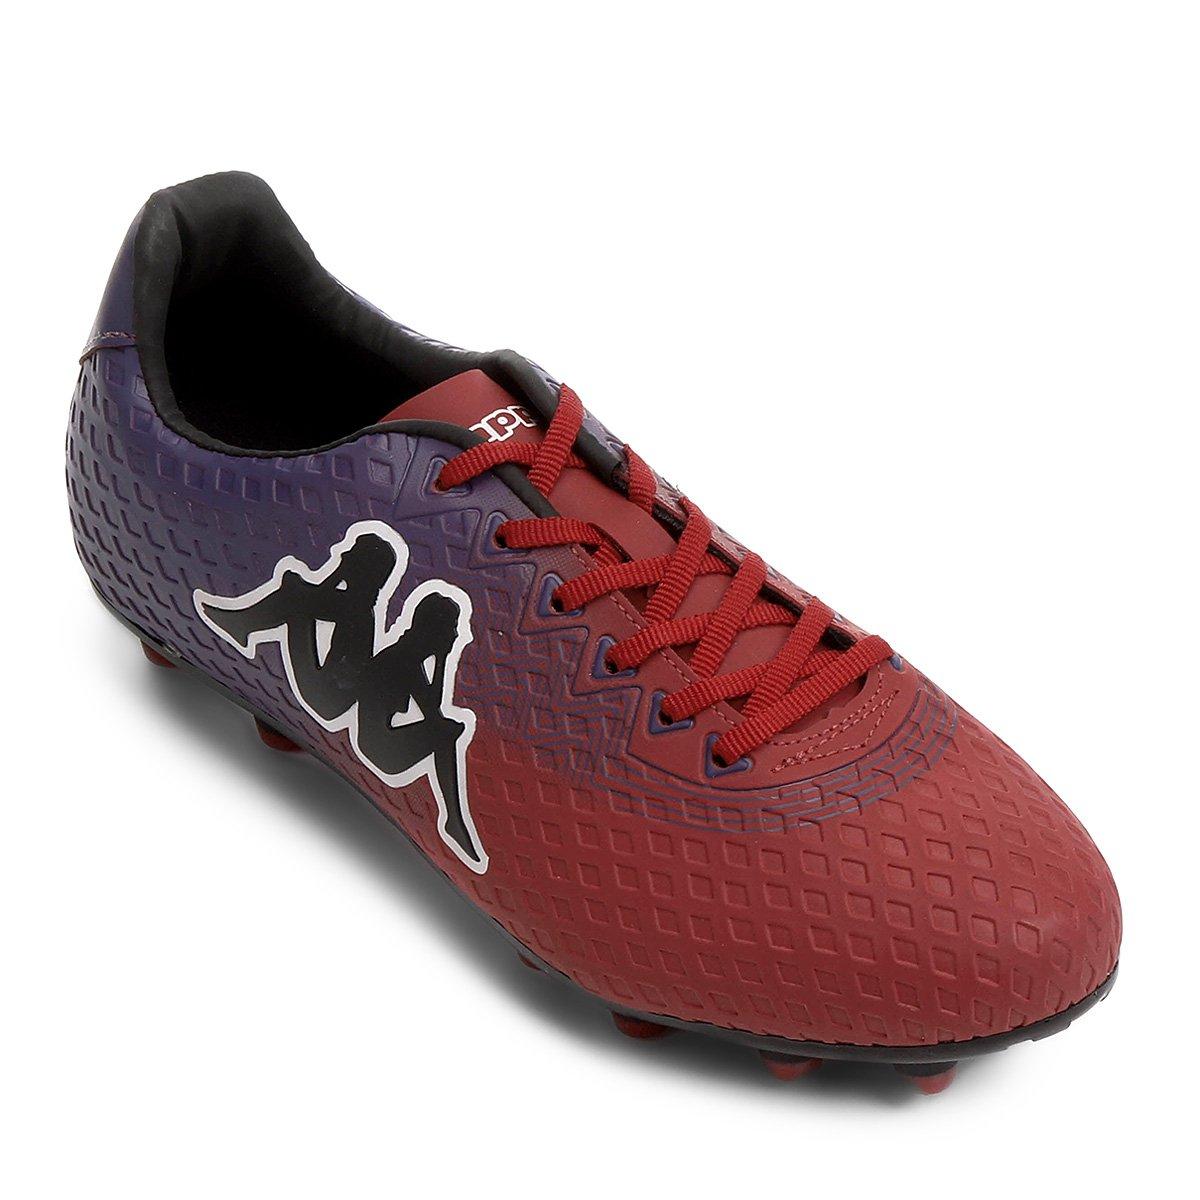 e3e1c7bbf4 FornecedorNetshoes. Chuteira Campo Kappa Reno